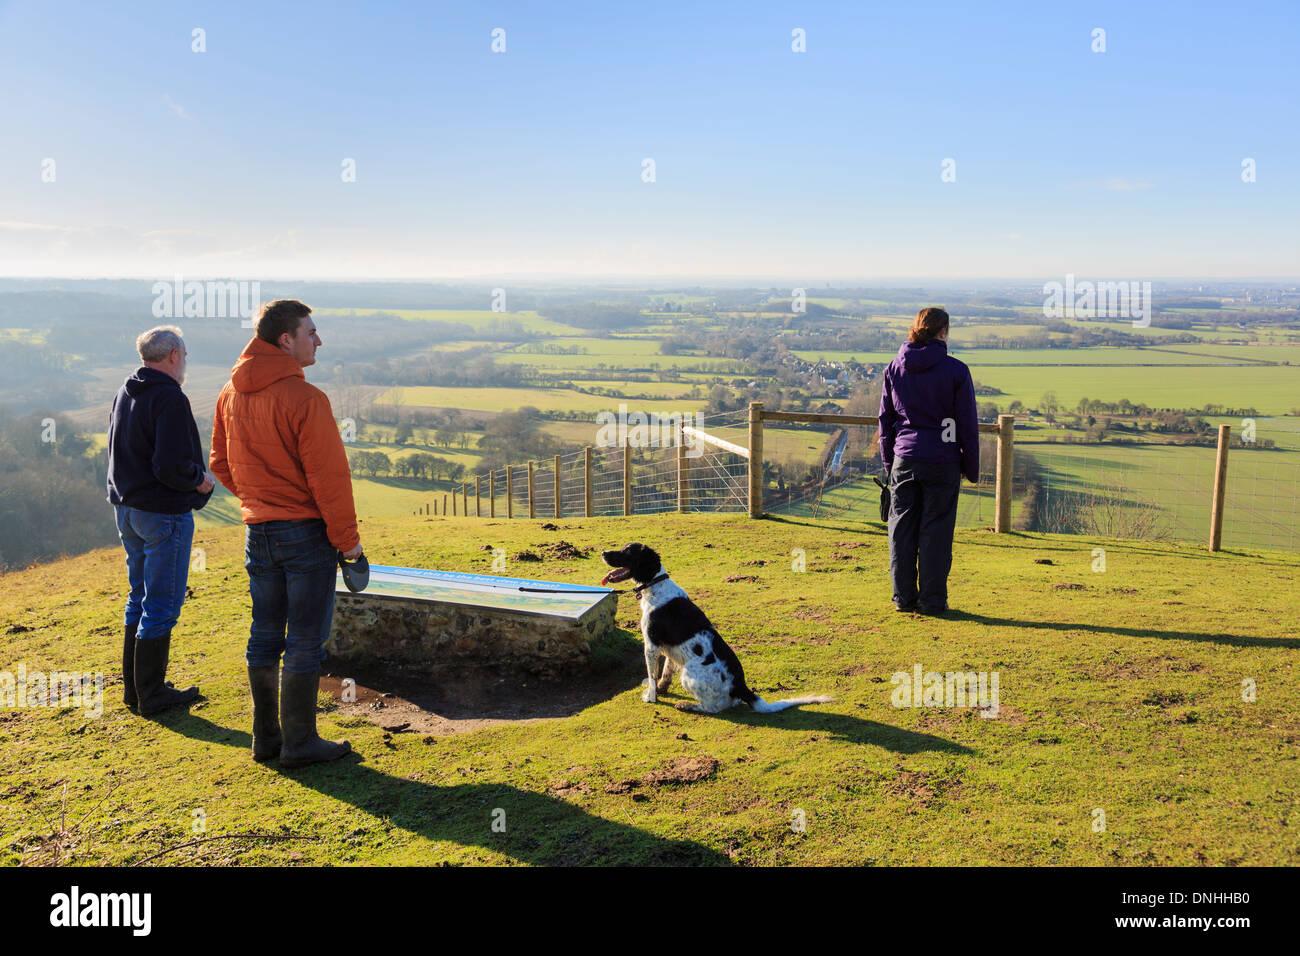 Menschen mit Hund suchen auf einen Blick West aus Sicht in Wye National Nature Reserve auf North Downs Way in den Hügeln in der Nähe von Ashford Kent England Großbritannien Großbritannien Stockbild